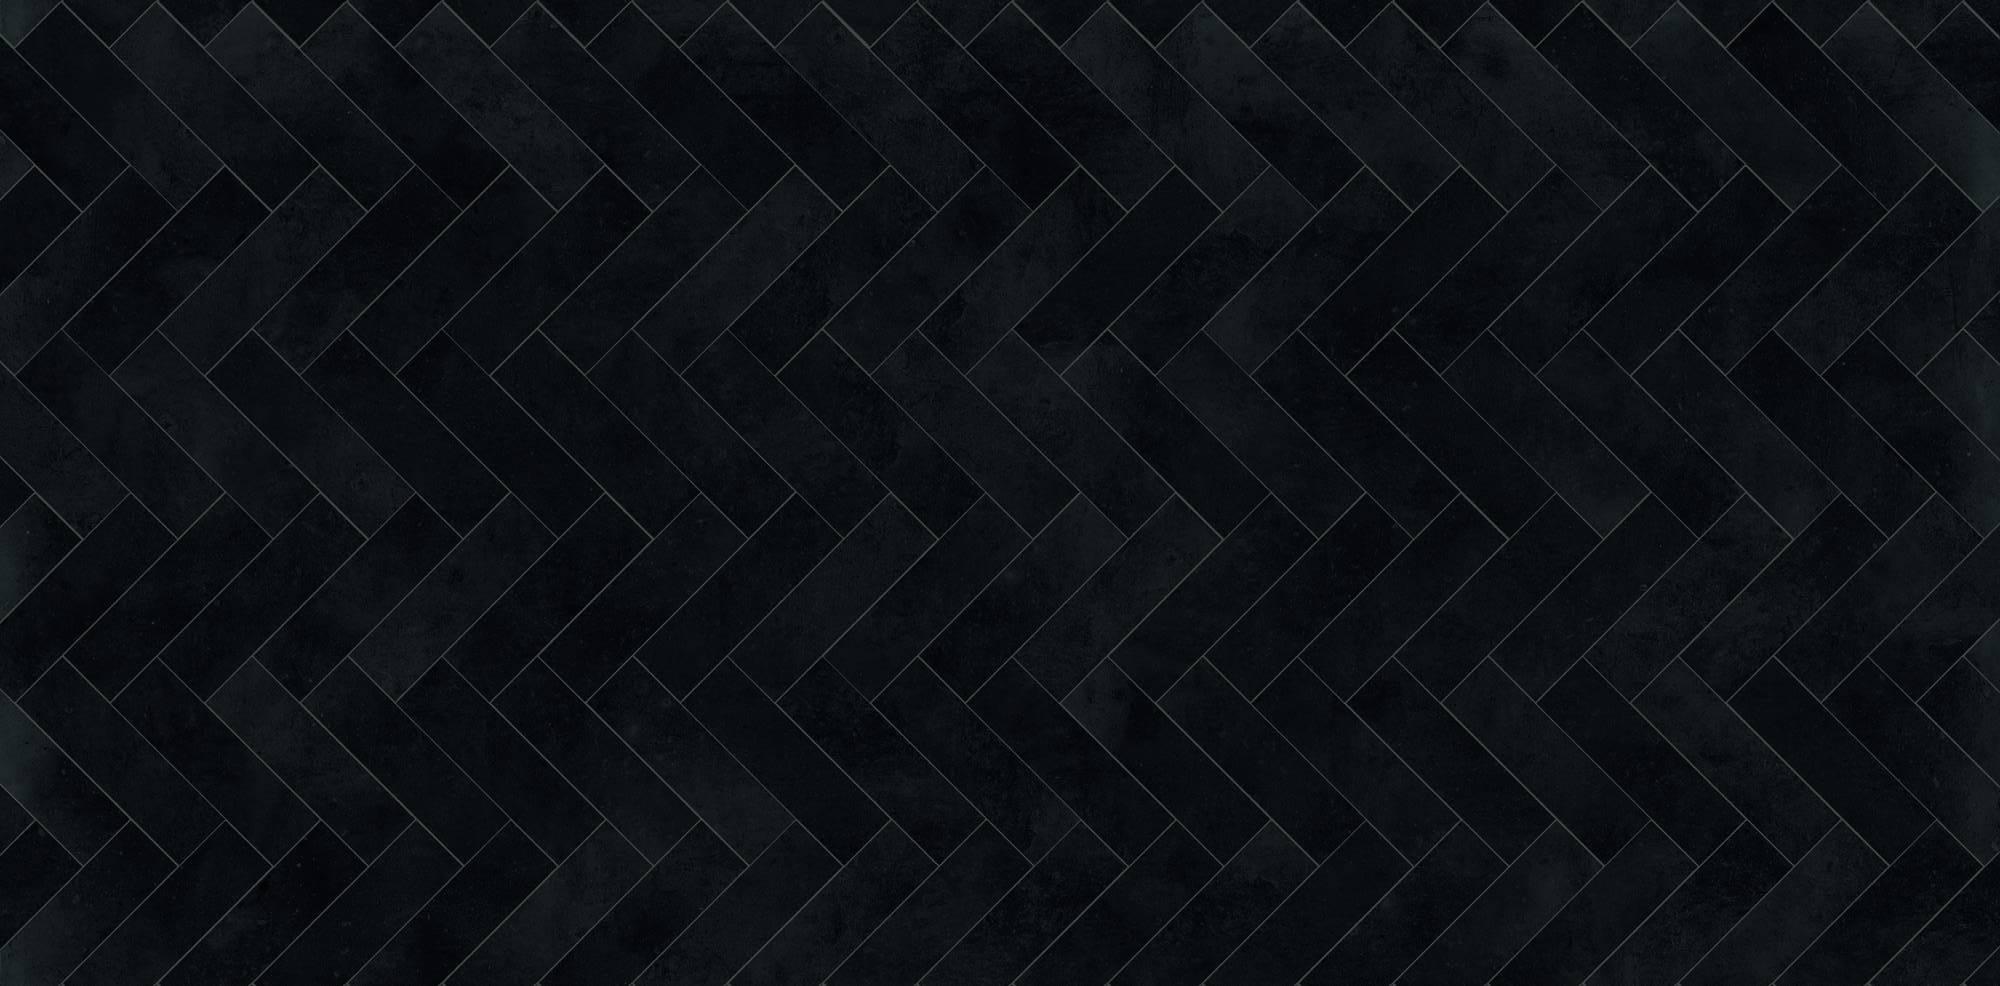 Duschprofi RenoDeco Designpaneel 100x255 cm Visgraat Antraciet